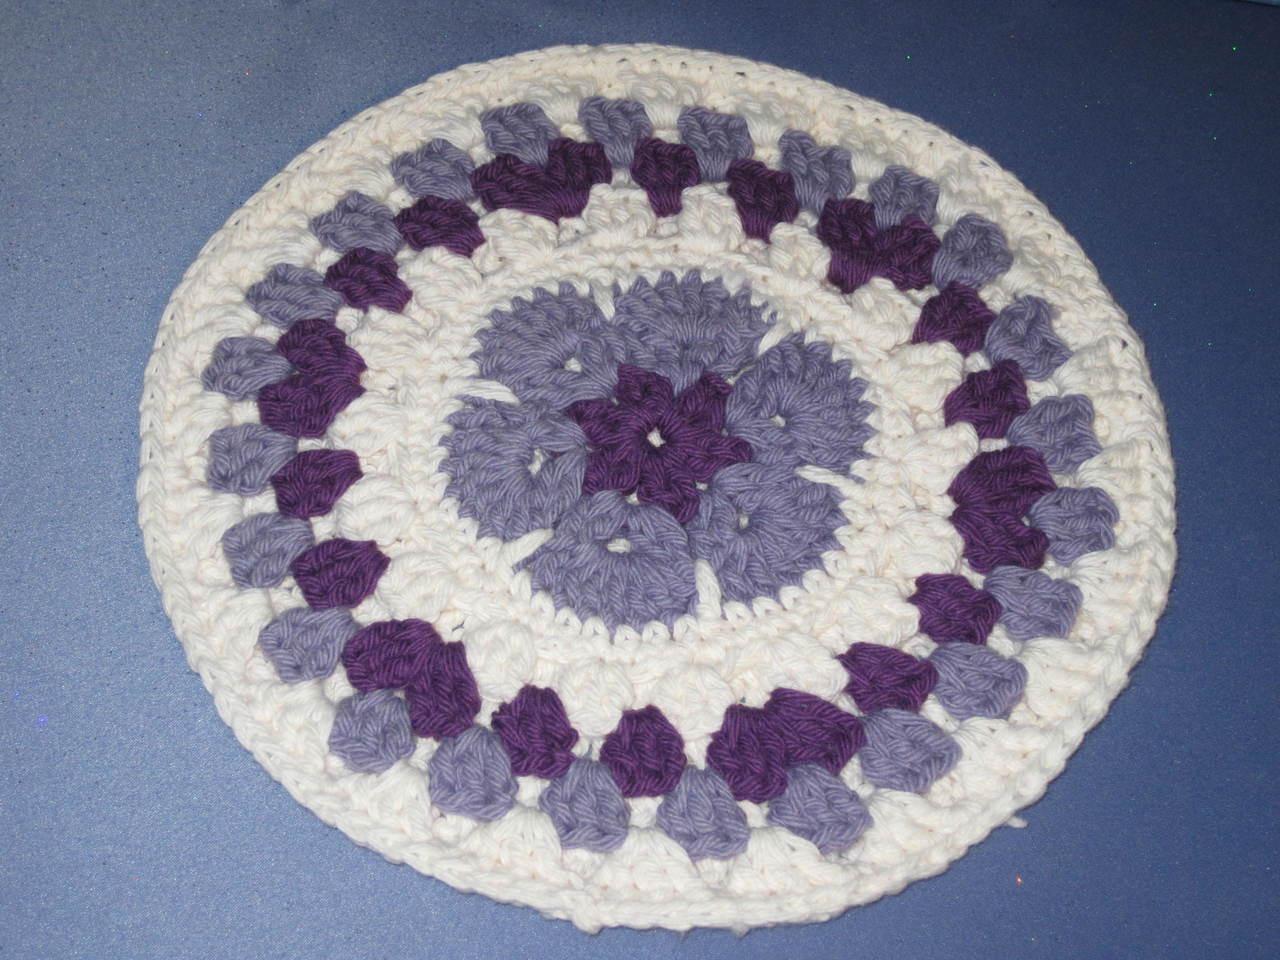 Round African Flower Potholder-Trivet in Lavender and V